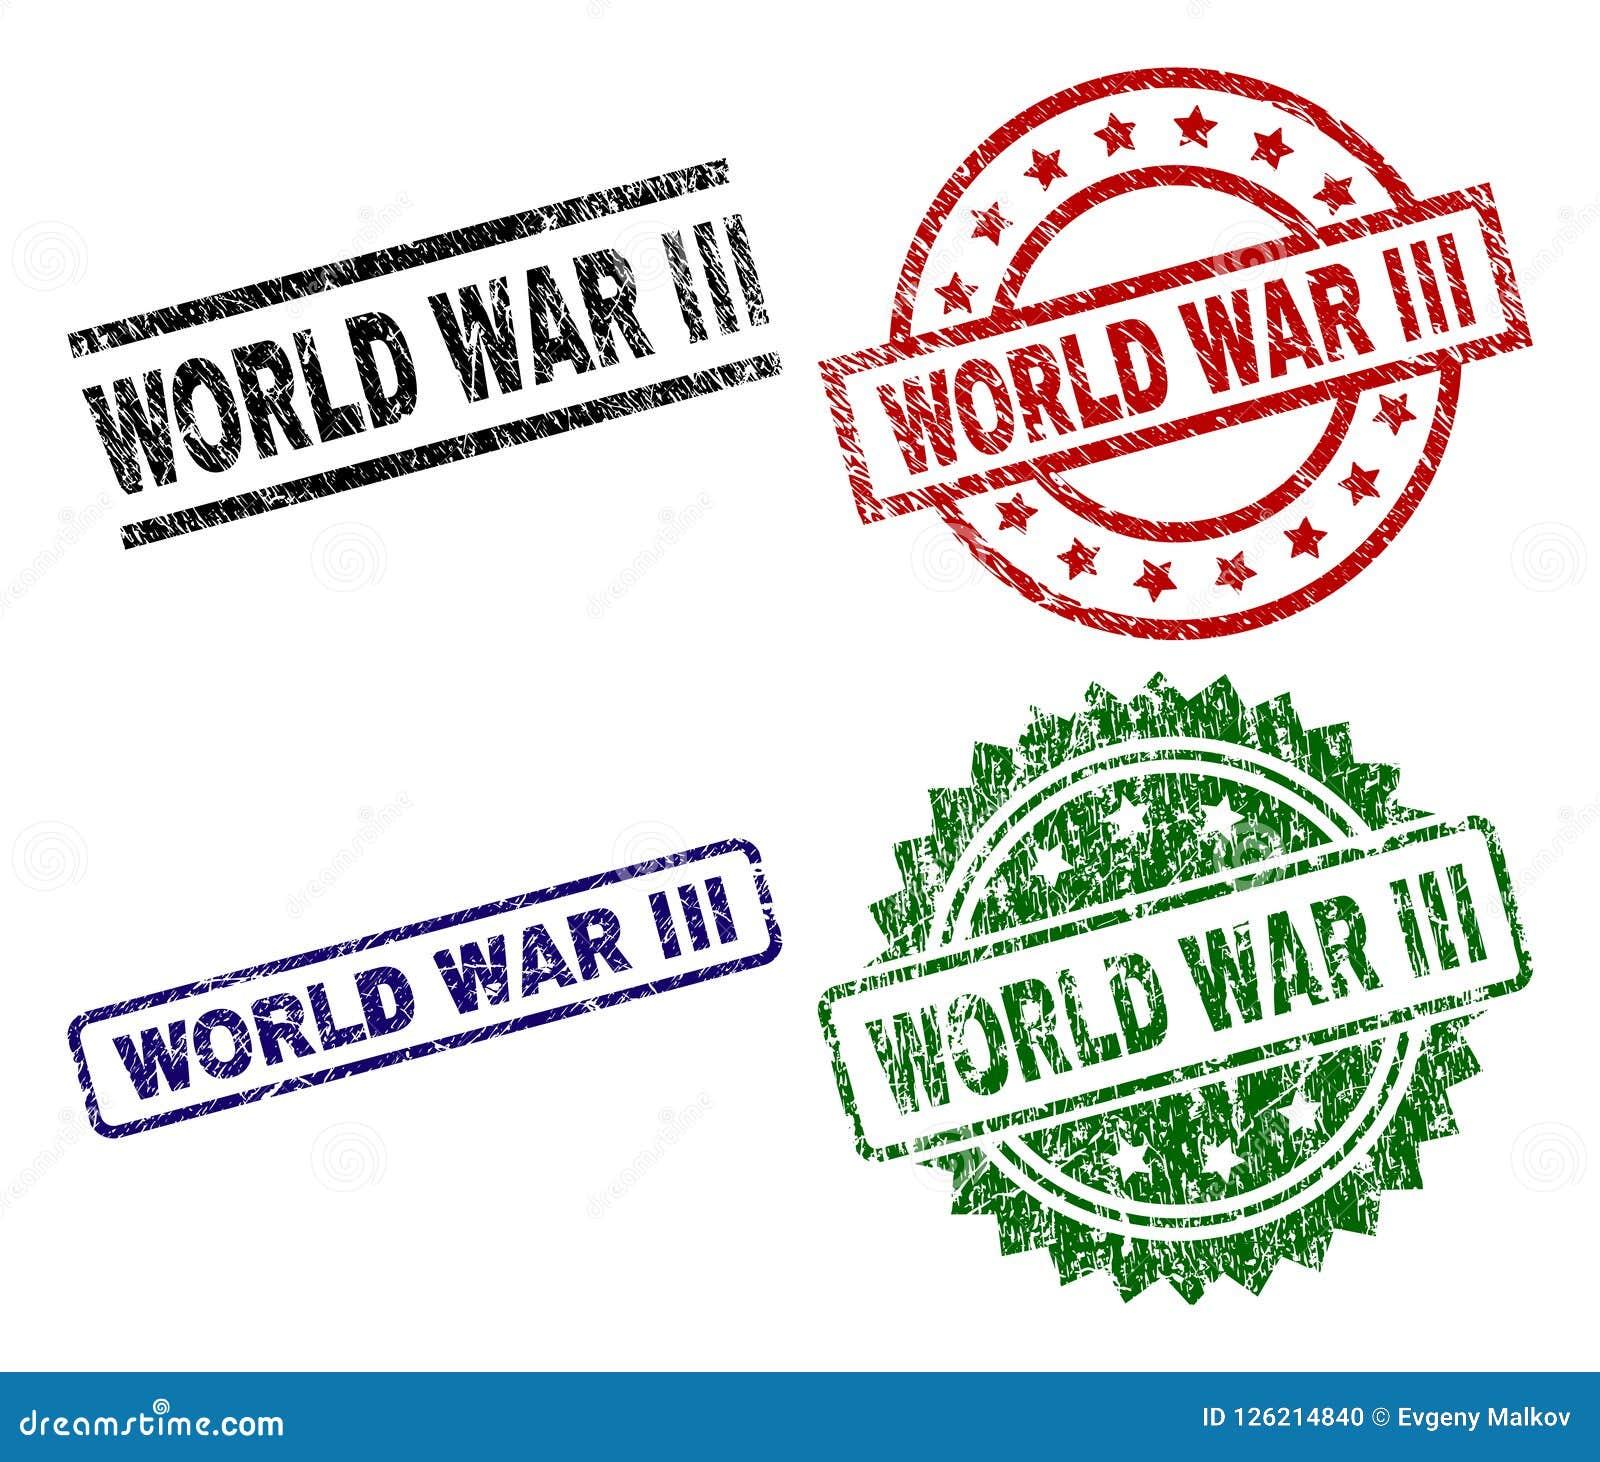 Grunge Textured WORLD WAR III Seal Stamps